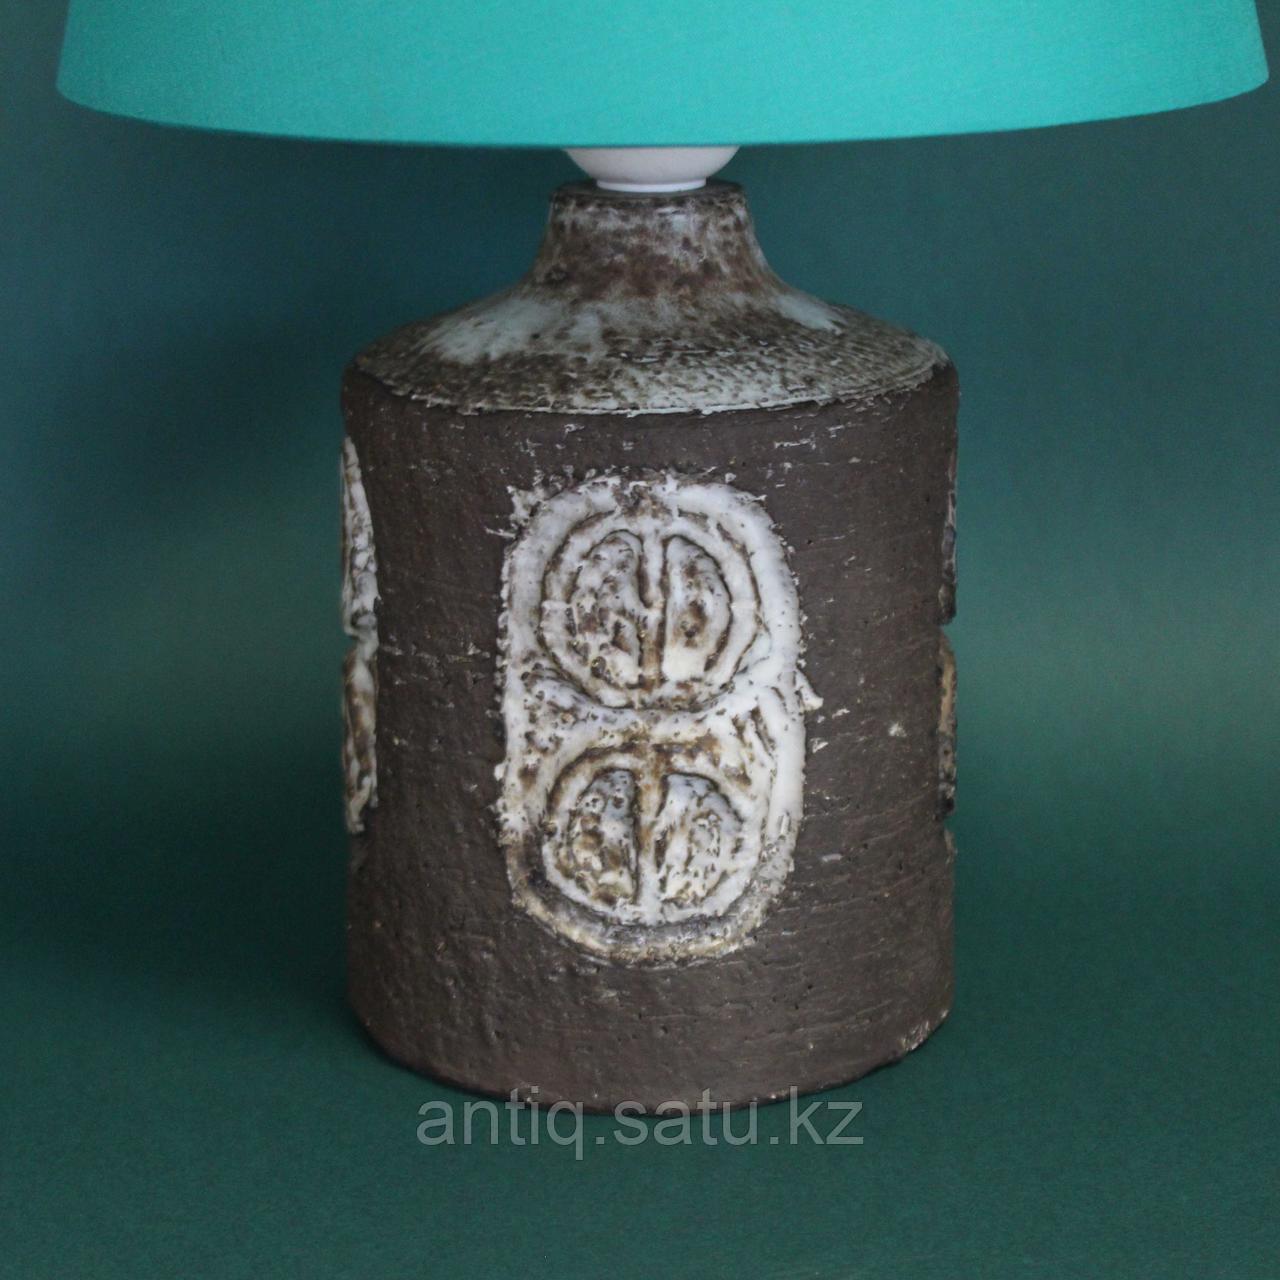 Дизайнерская настольная лампа из керамики. Производство Sejer Unic Keramik - фото 5